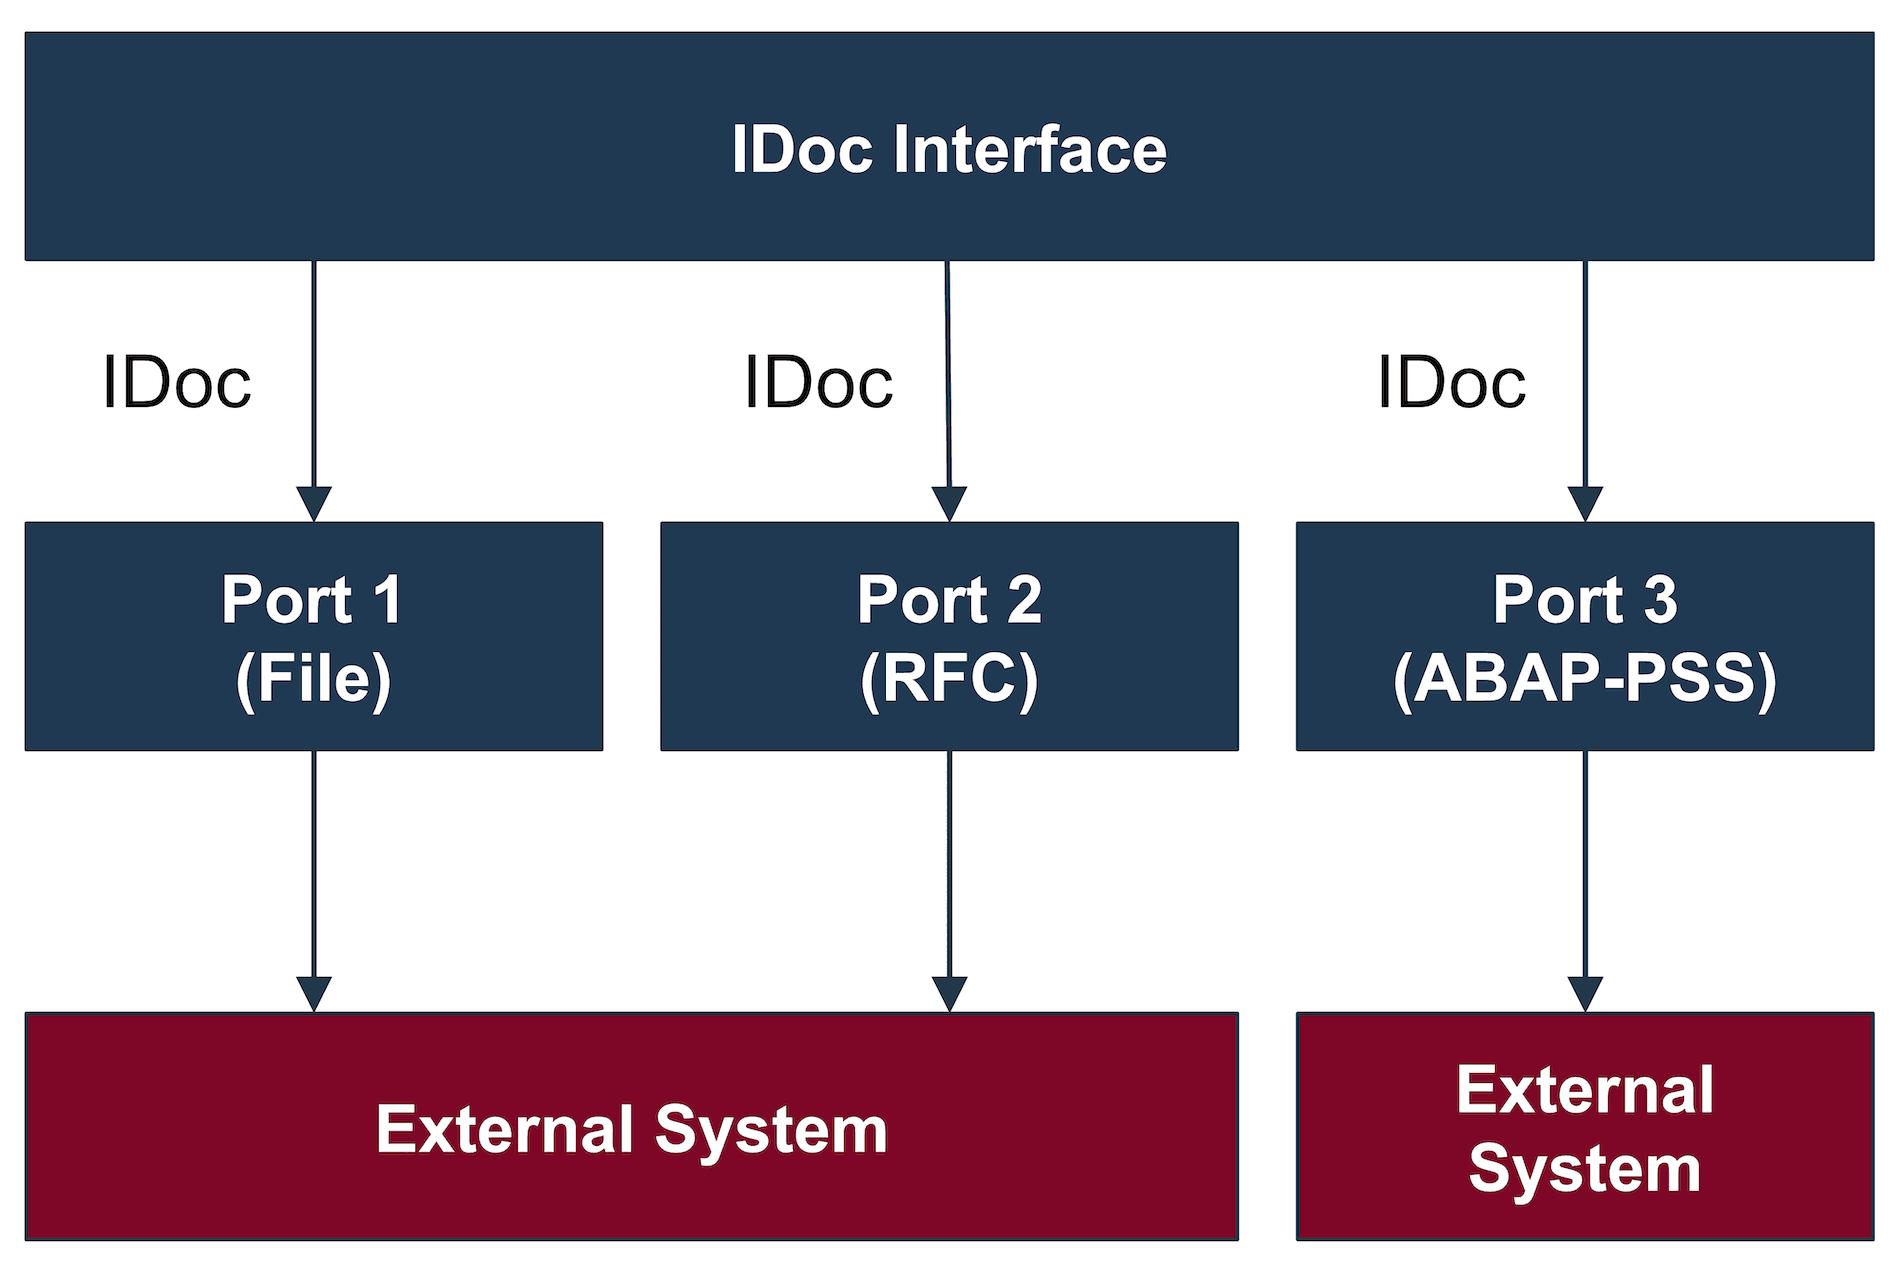 SAP IDoc Ports